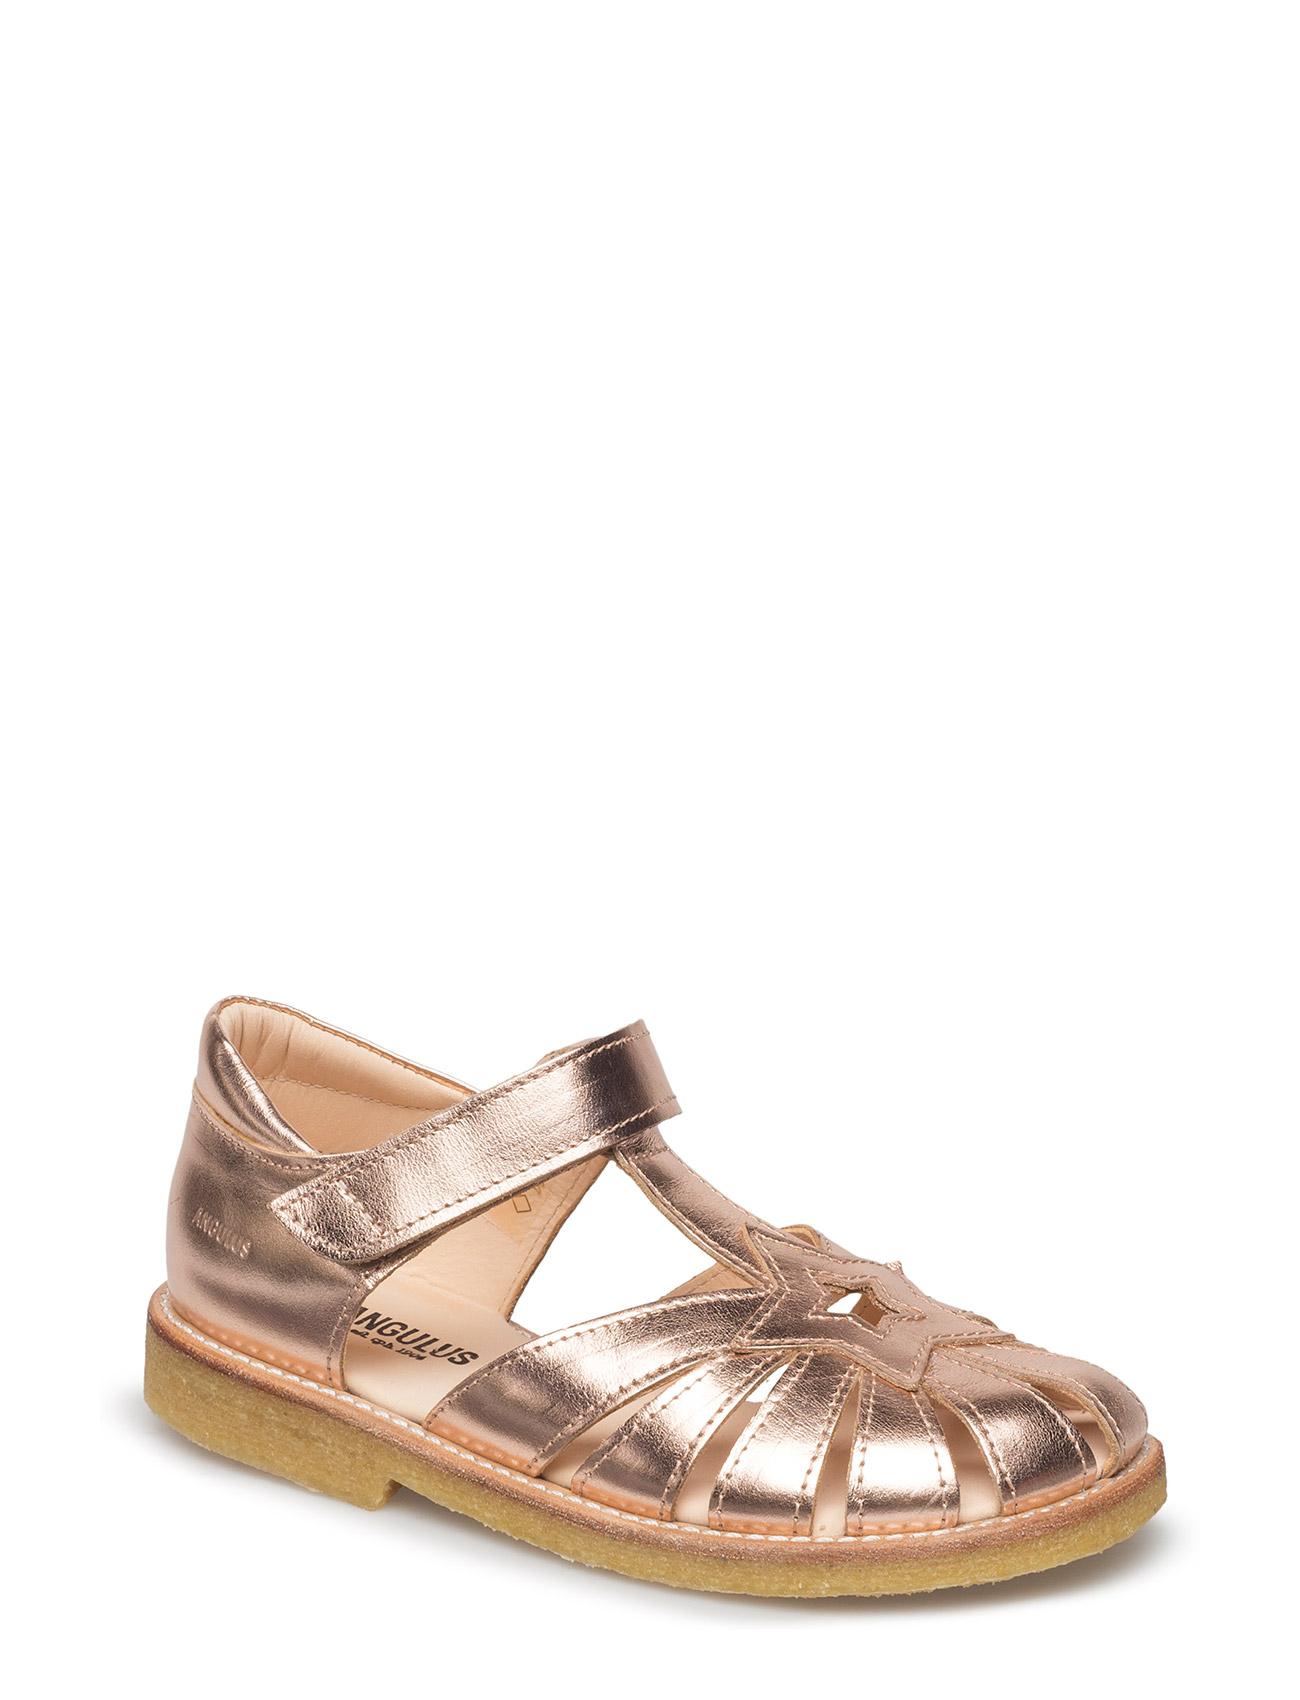 ANGULUS Sandals - flat - closed toe -